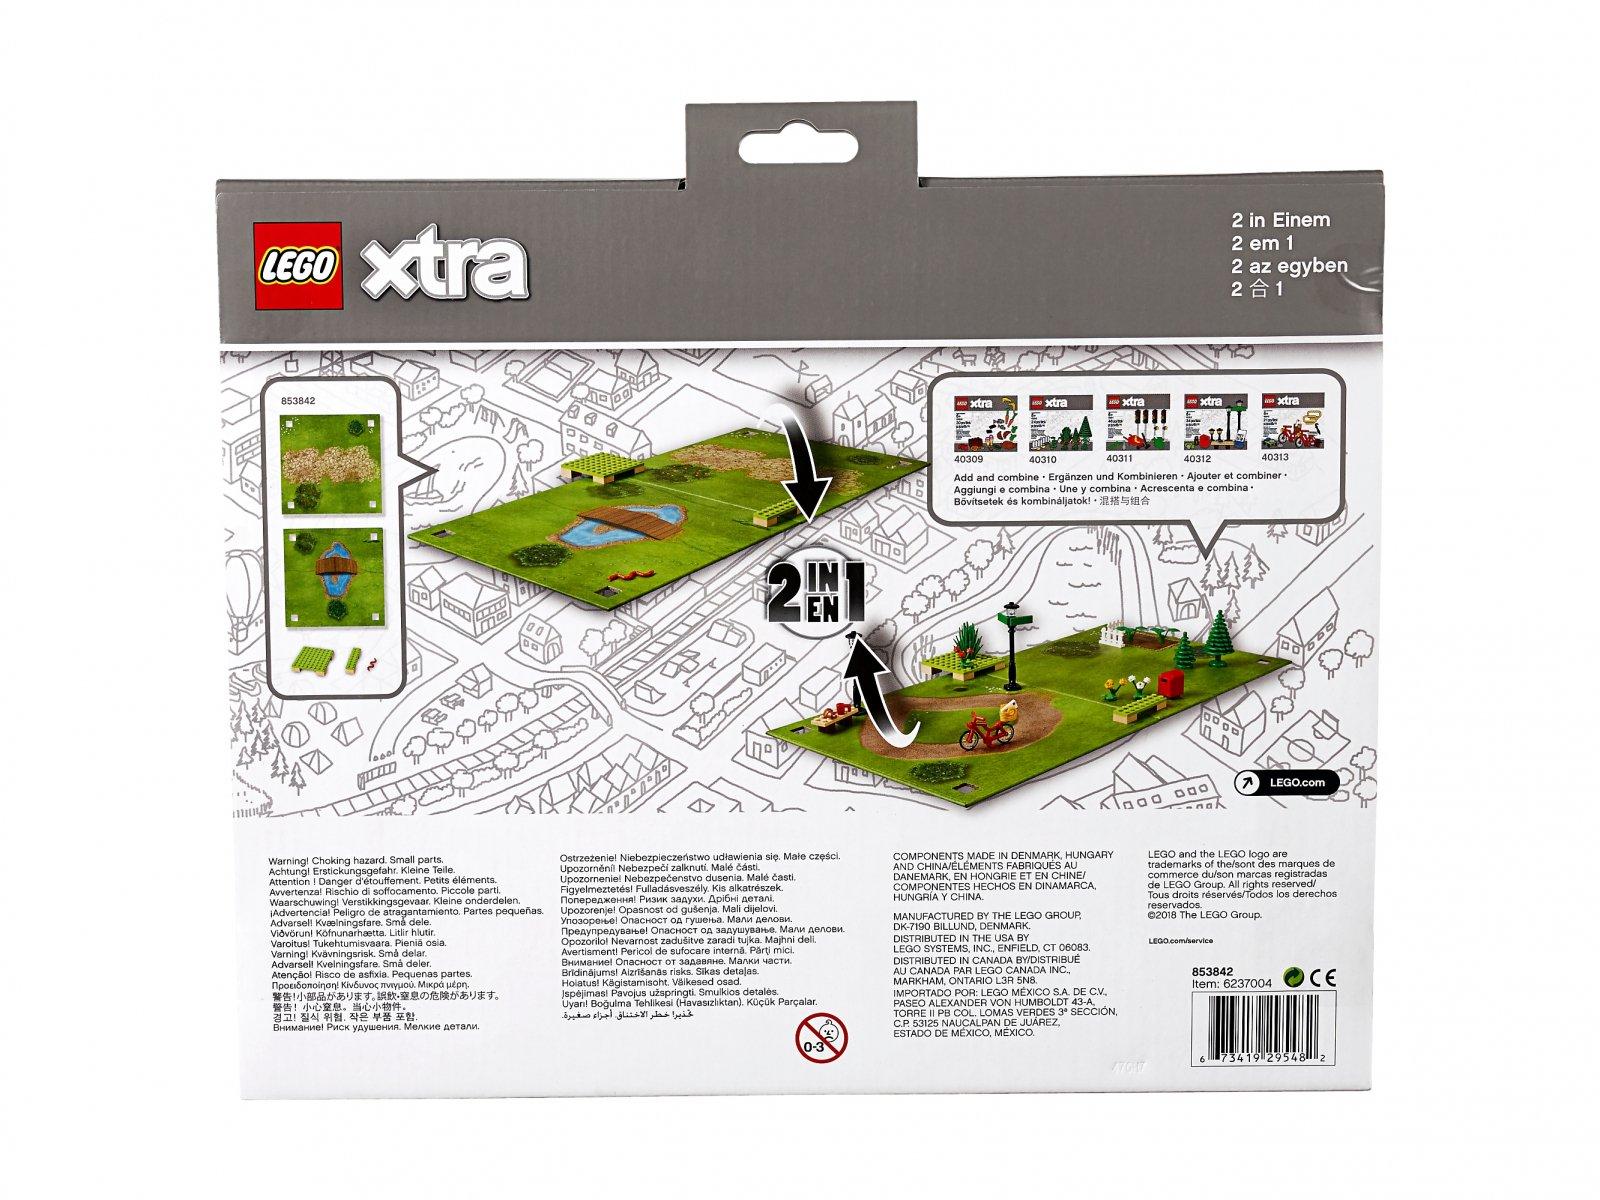 LEGO xtra Parkowa plansza